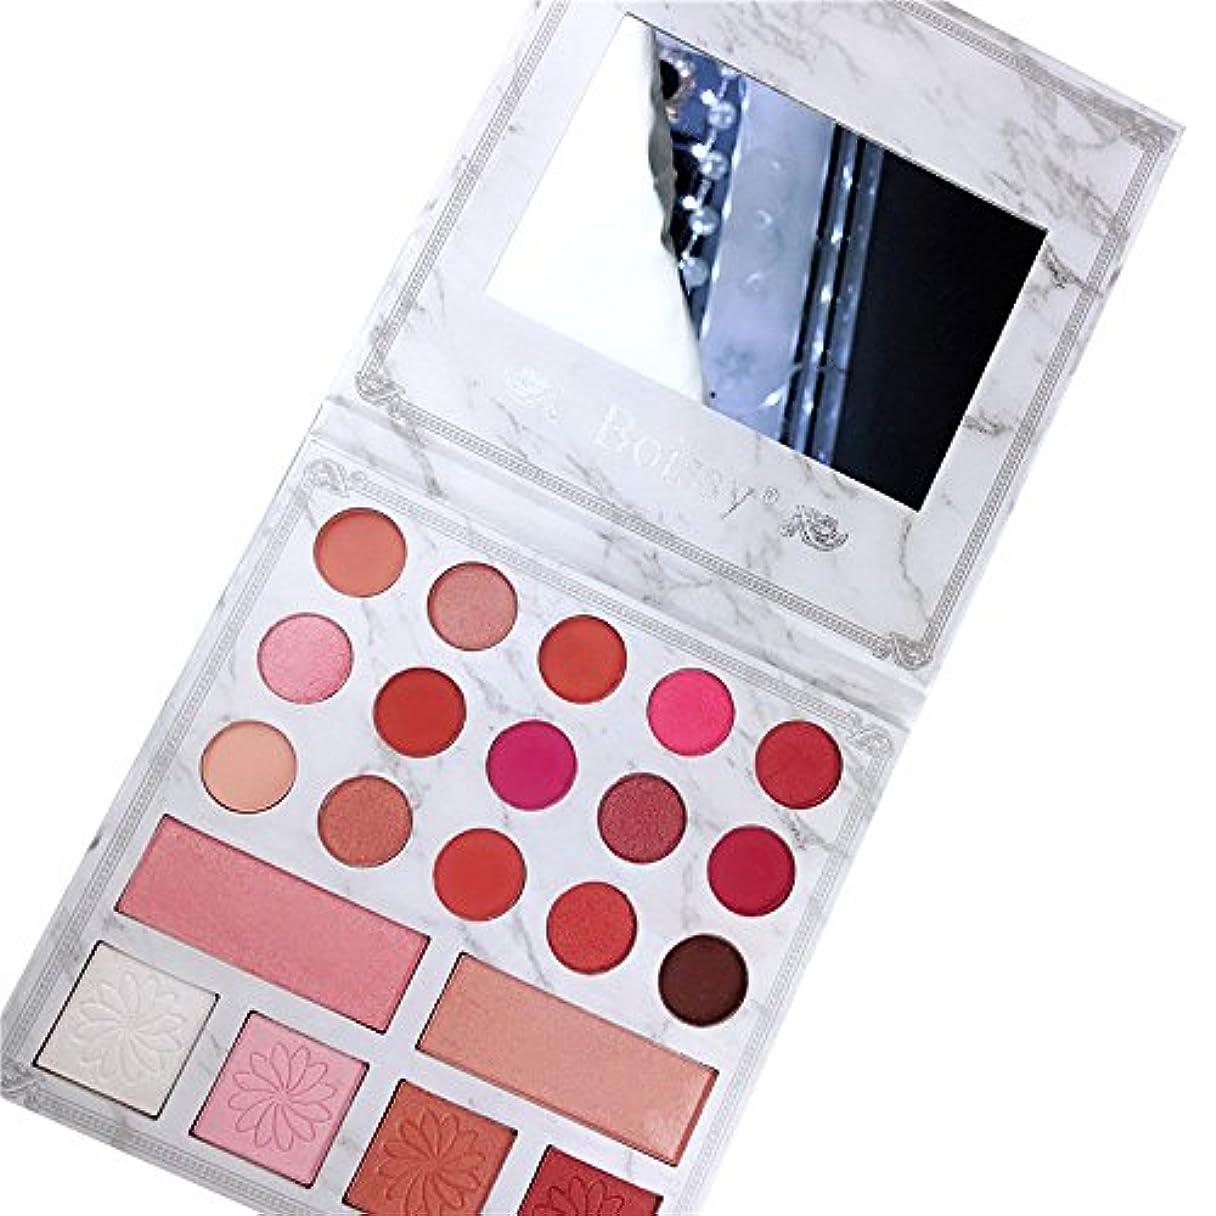 議題出演者ひどい21色シマーマットアイシャドウアイシャドウパレットプロ化粧品メイクアップツール